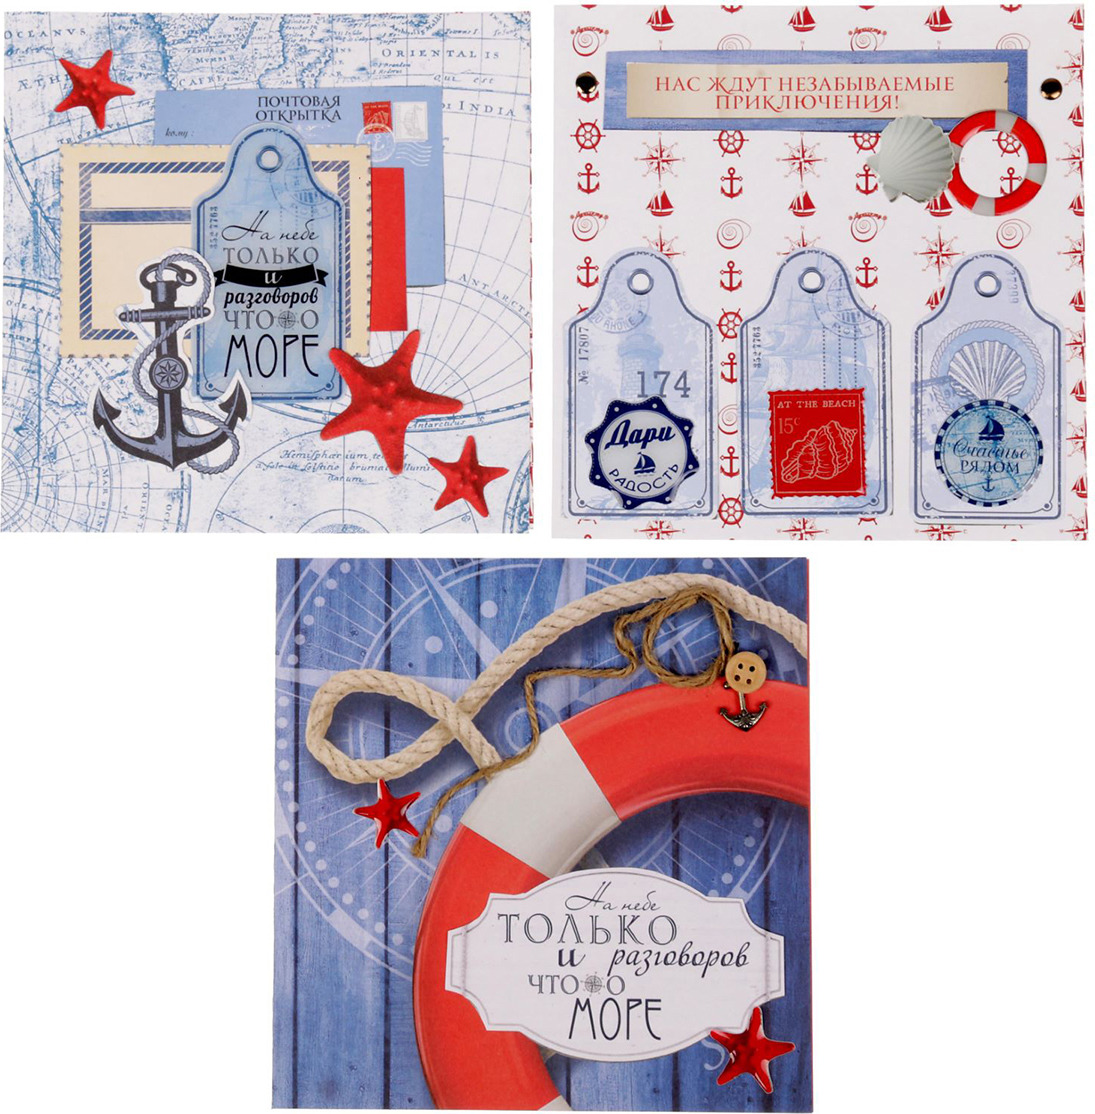 Набор для скрапбукинга Арт Узор Открытка Морской, 1029879, разноцветный, 29,5 х 29,5 см арт дизайн подарочный набор открытка с ручкой самой фееричной тебе